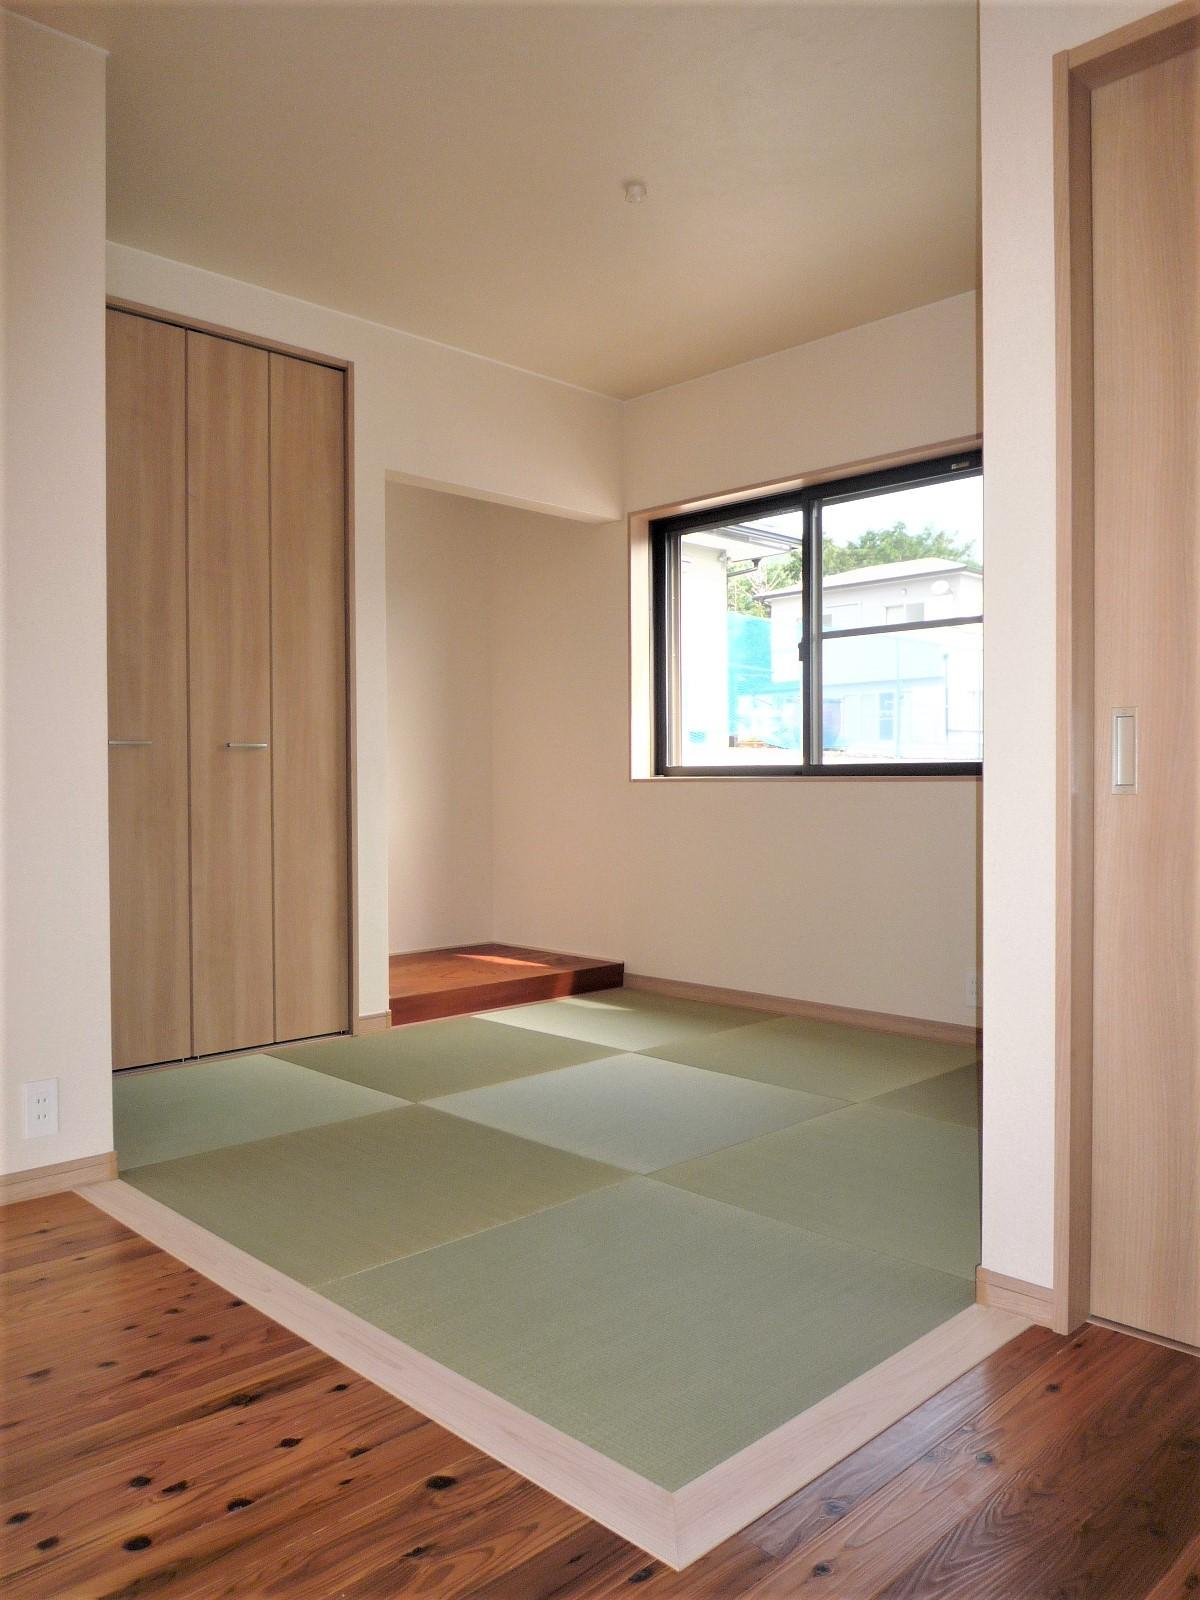 その他事例:和室(HOUSE-2)